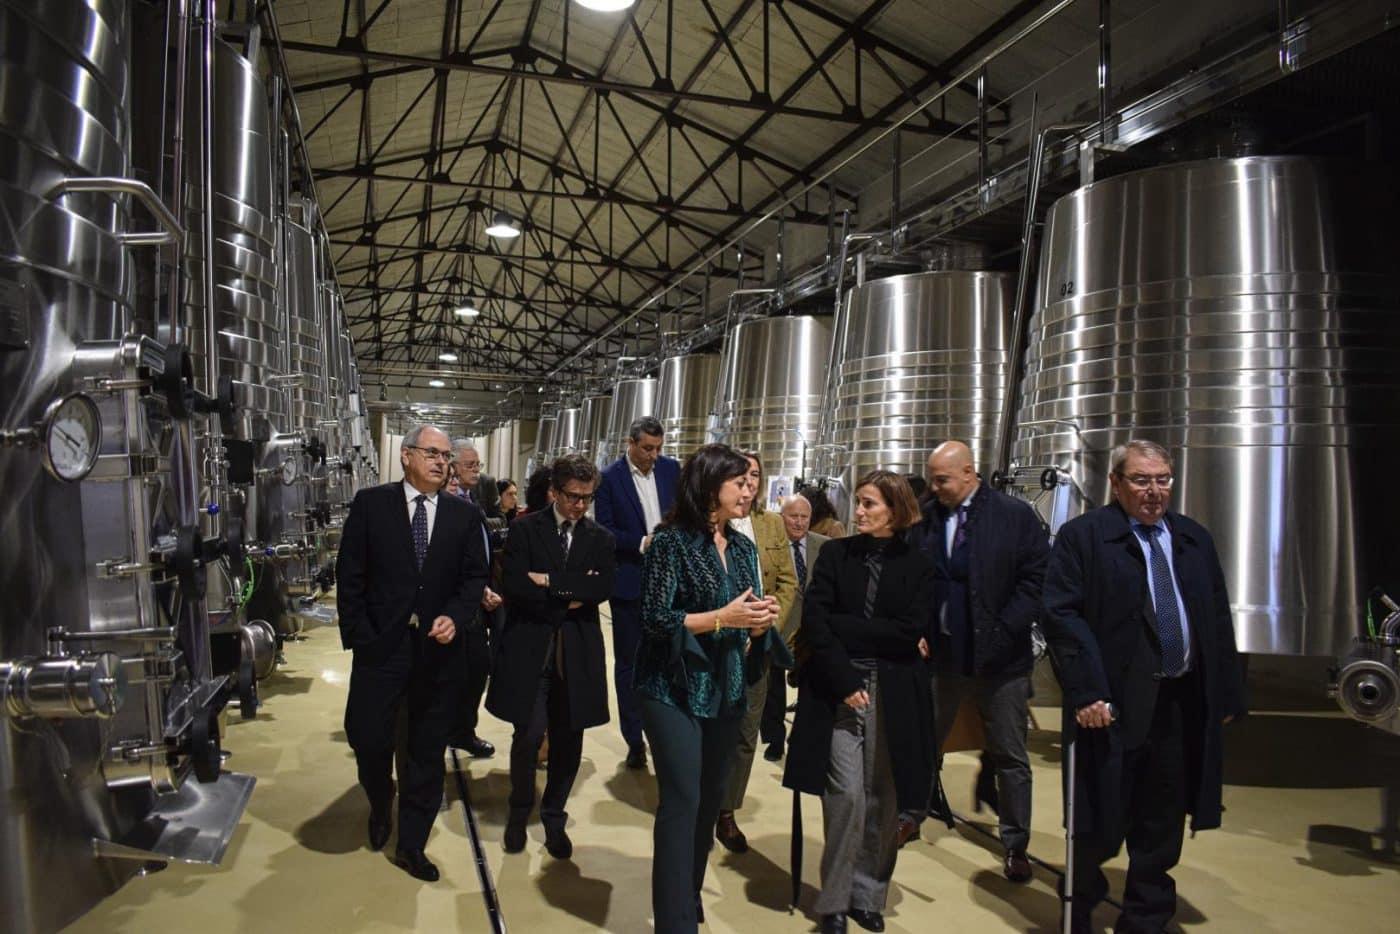 CVNE celebra su 140 aniversario con la ampliación de sus instalaciones en la histórica bodega de Haro 3